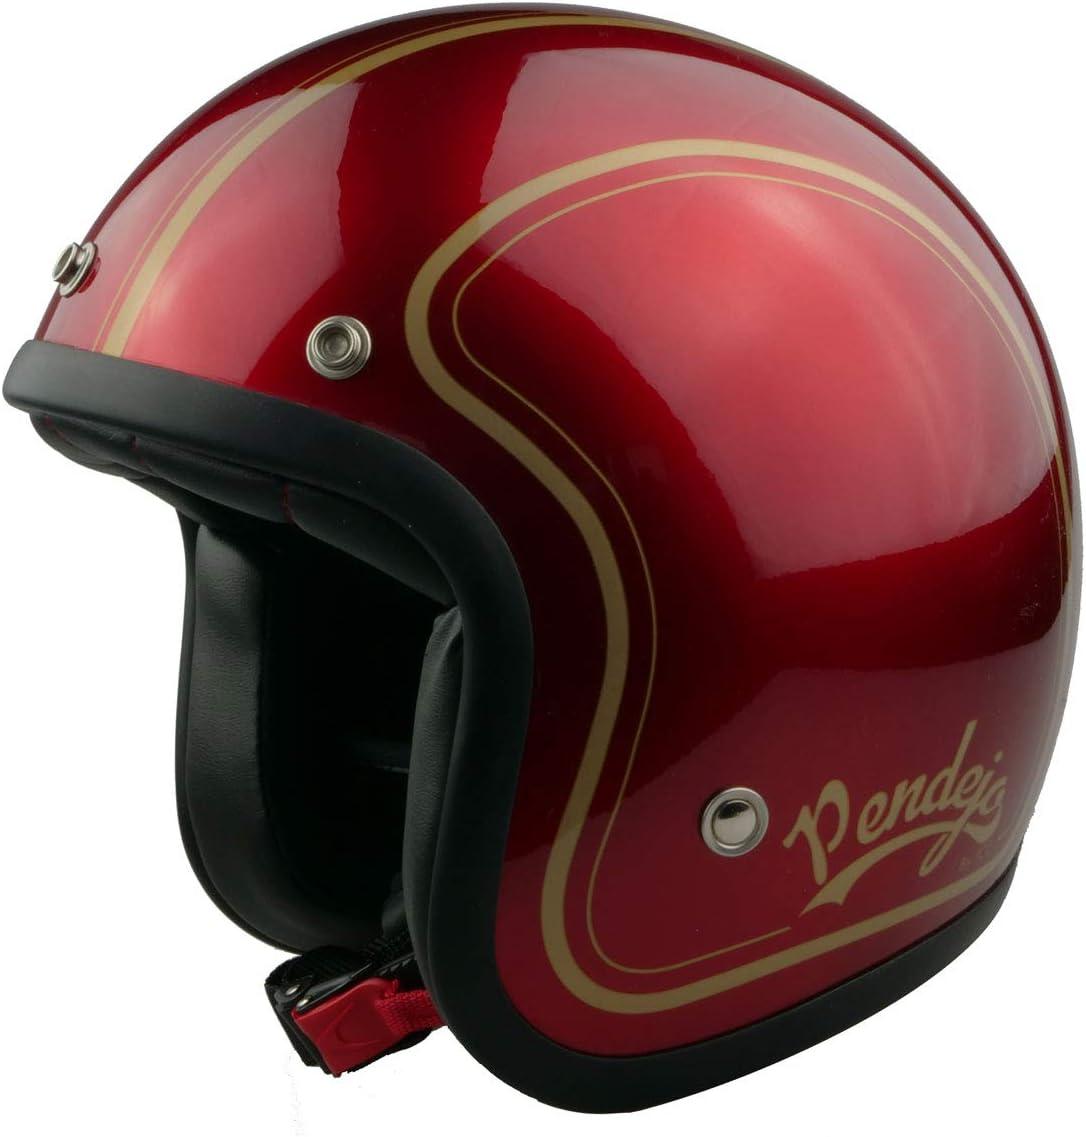 Casco de moto jet Pendejo classic en rojo con detalles en dorado by Iguana Custom Collection con corchetes para pantallas y tira de cuero sujeta gafas. (M)